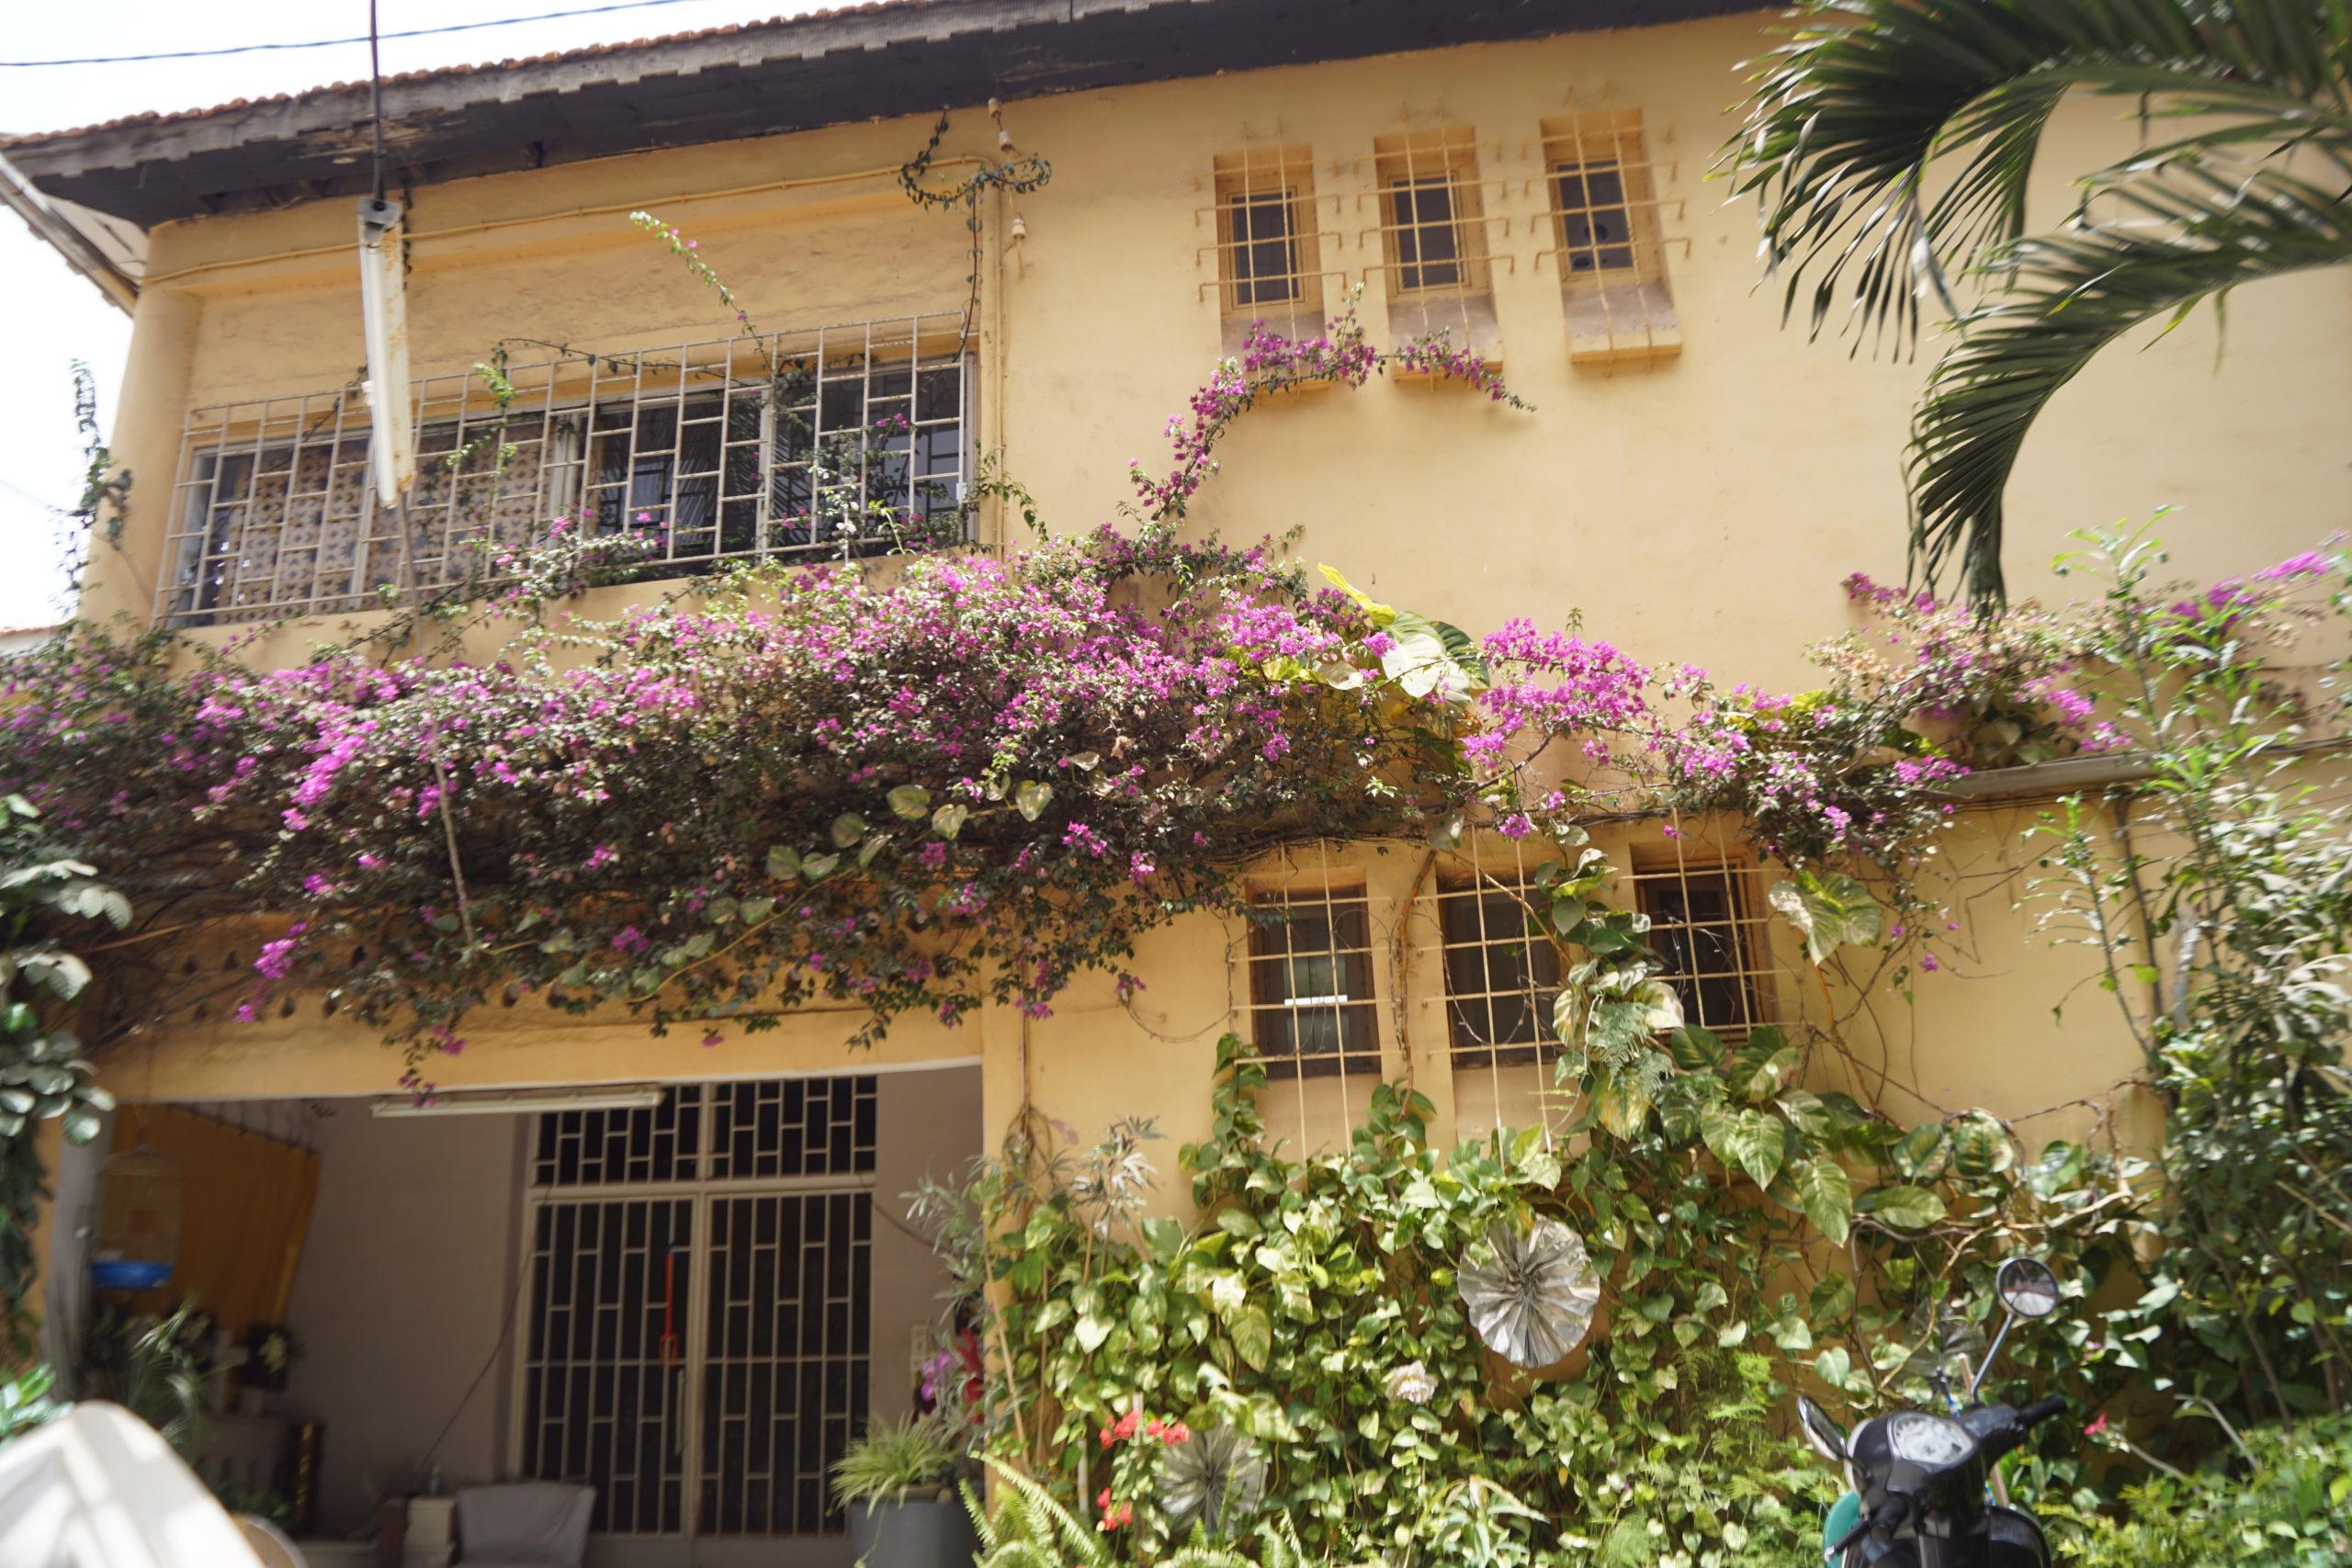 Sénégal : Les héritiers Souaré veulent récupérer un immeuble acquis par l'homme d'affaires Yérim Sow